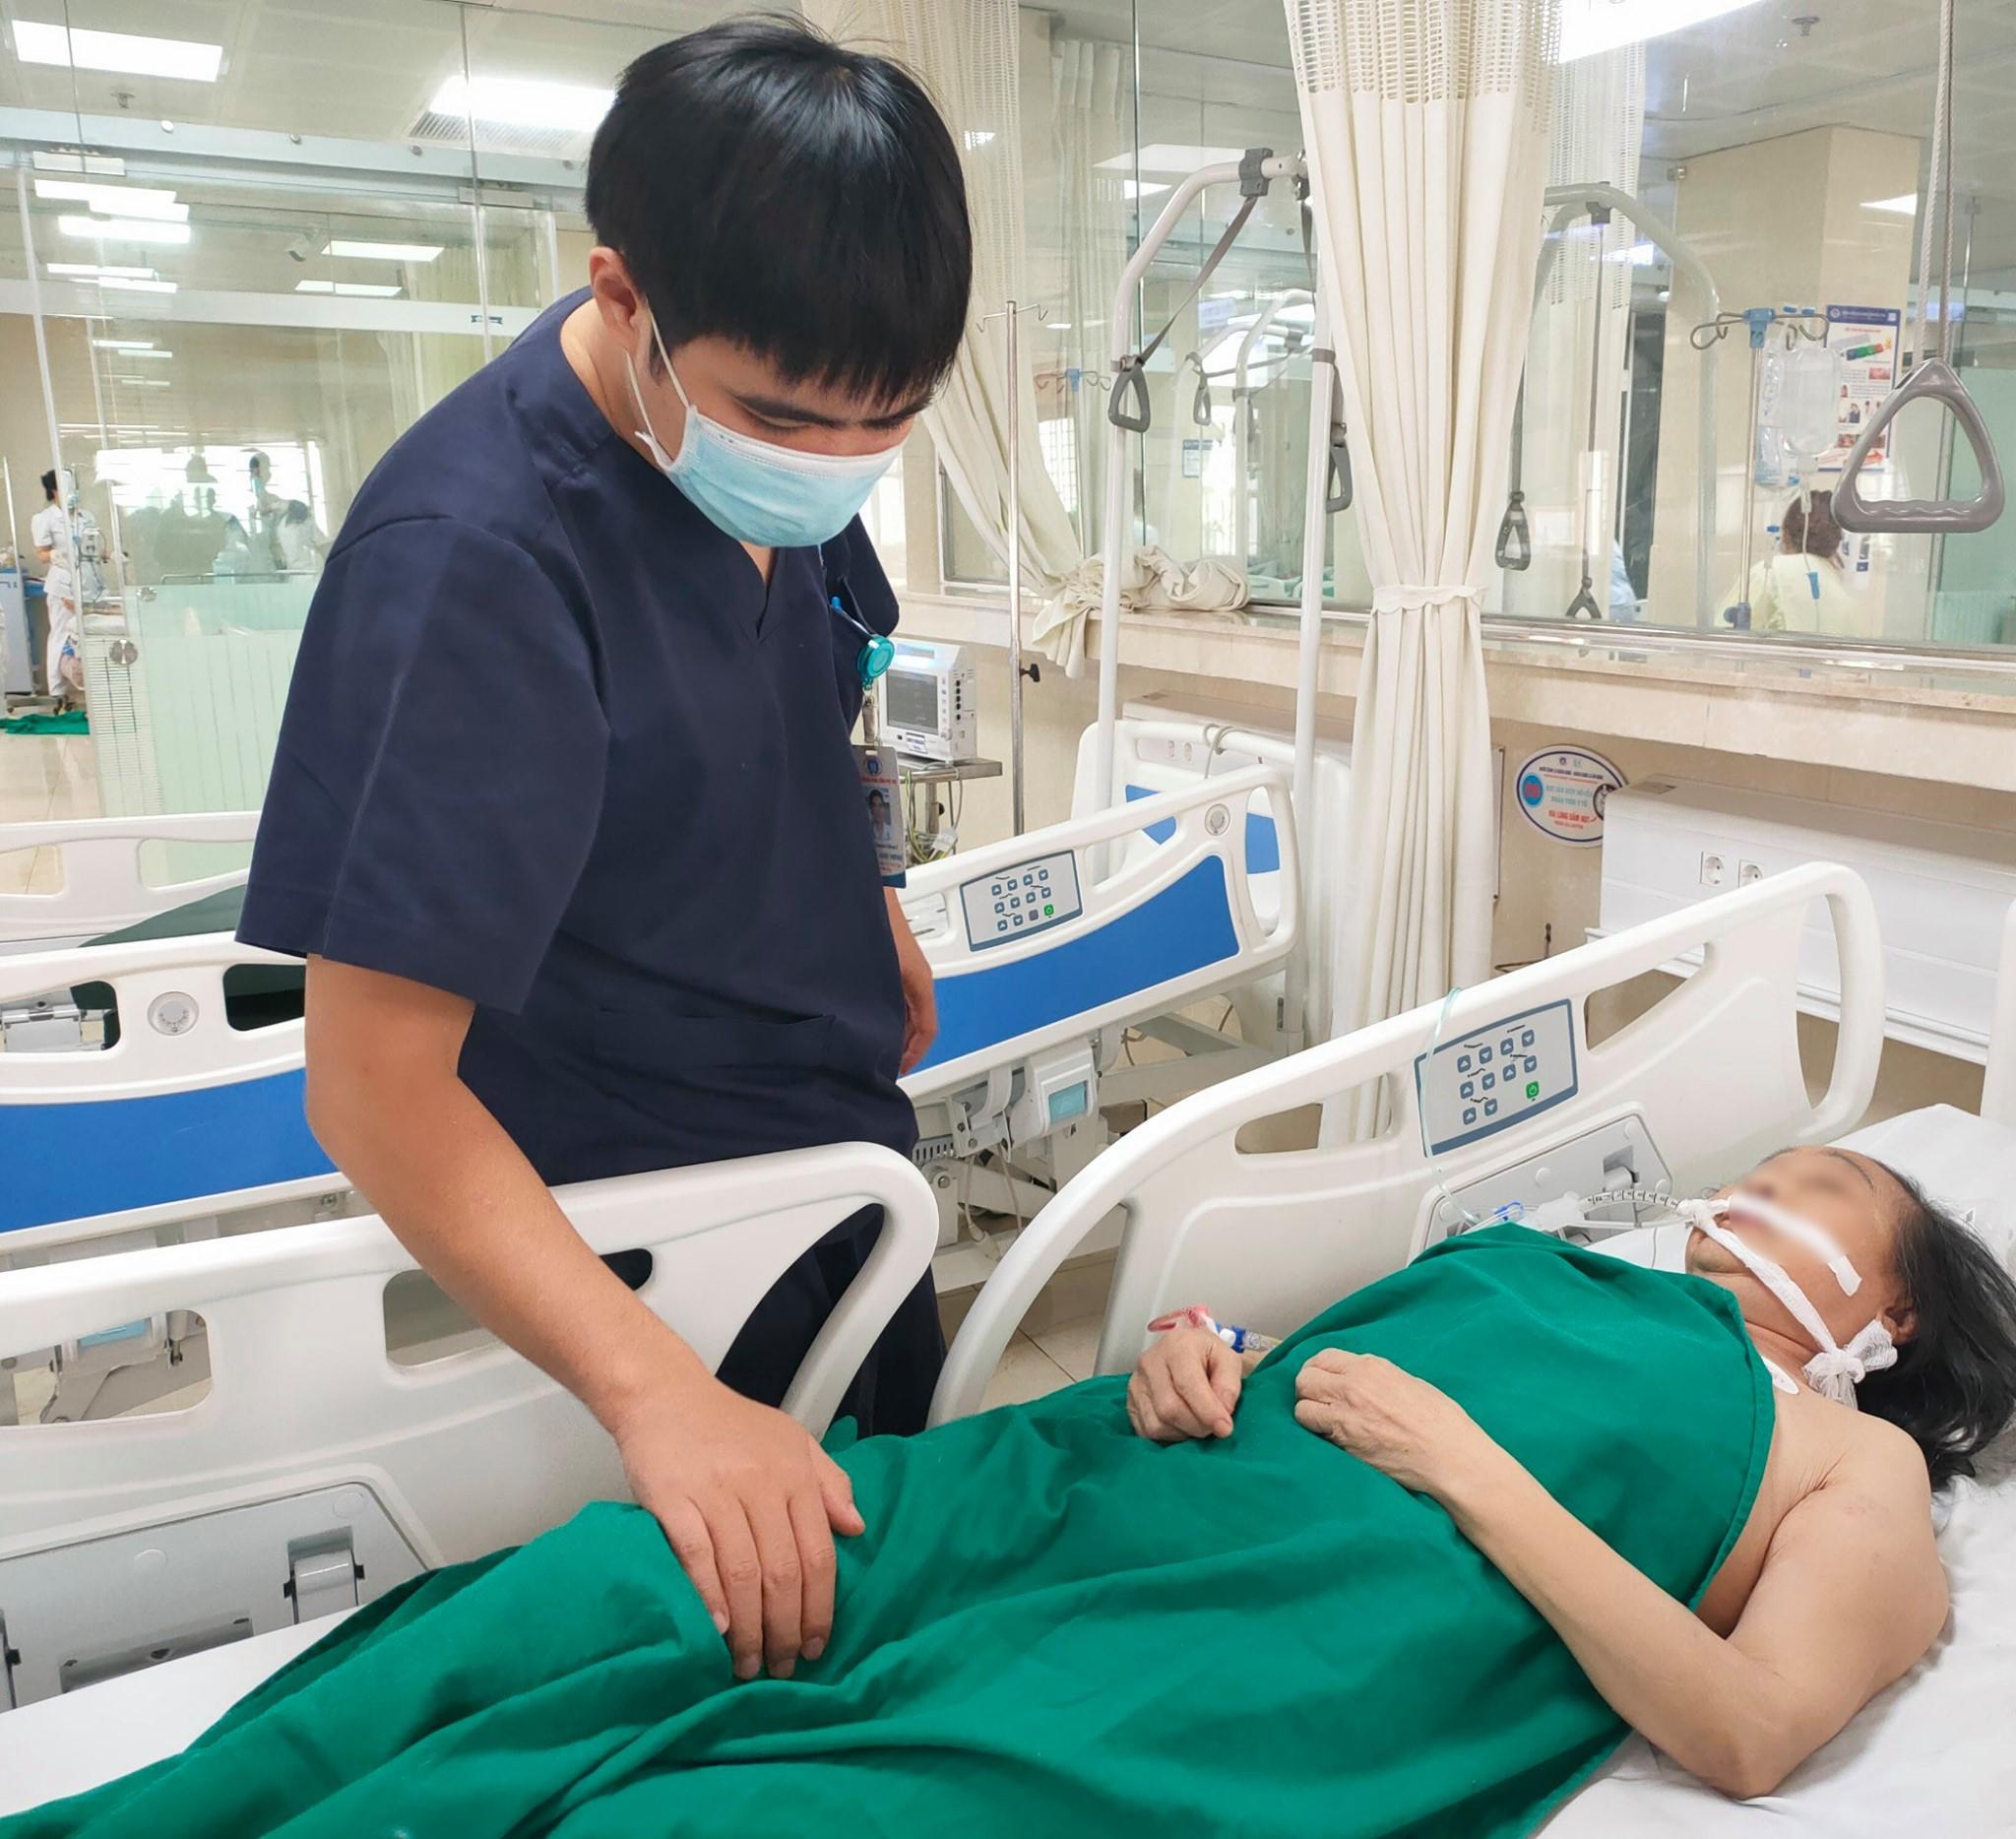 Quên uống thuốc chống đông máu, người phụ nữ suýt chết vì đột quỵ